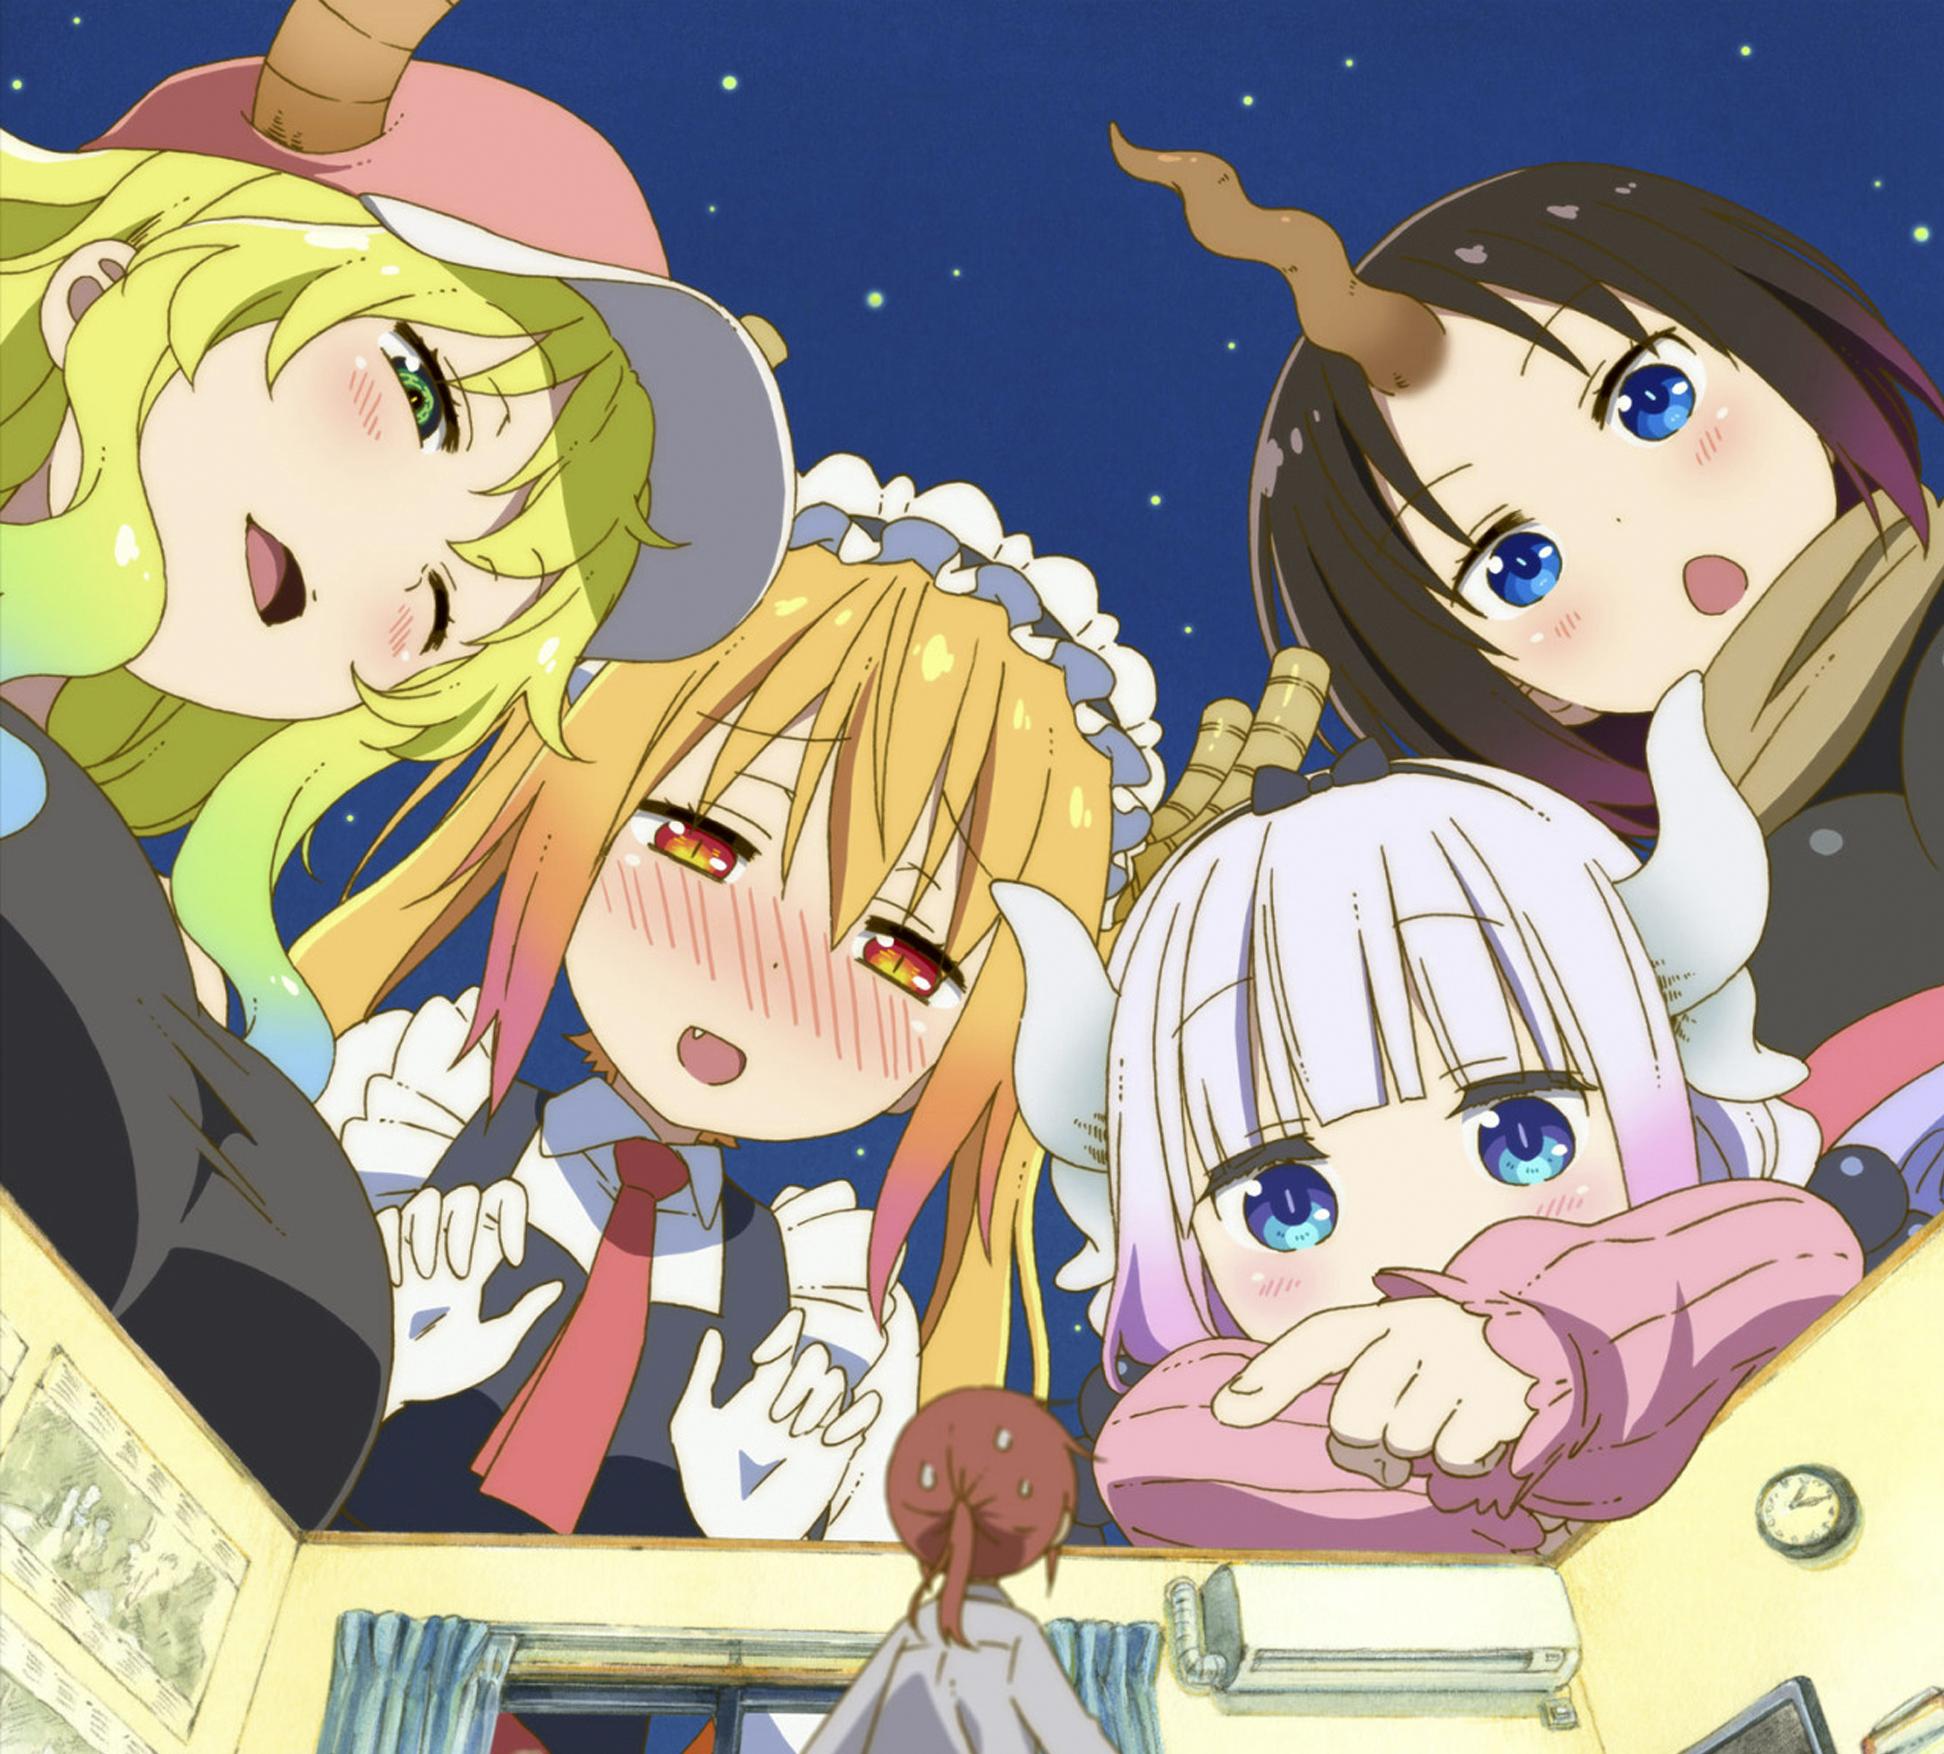 Pin de i pereira em Animes I em 2020 Anime, Menina